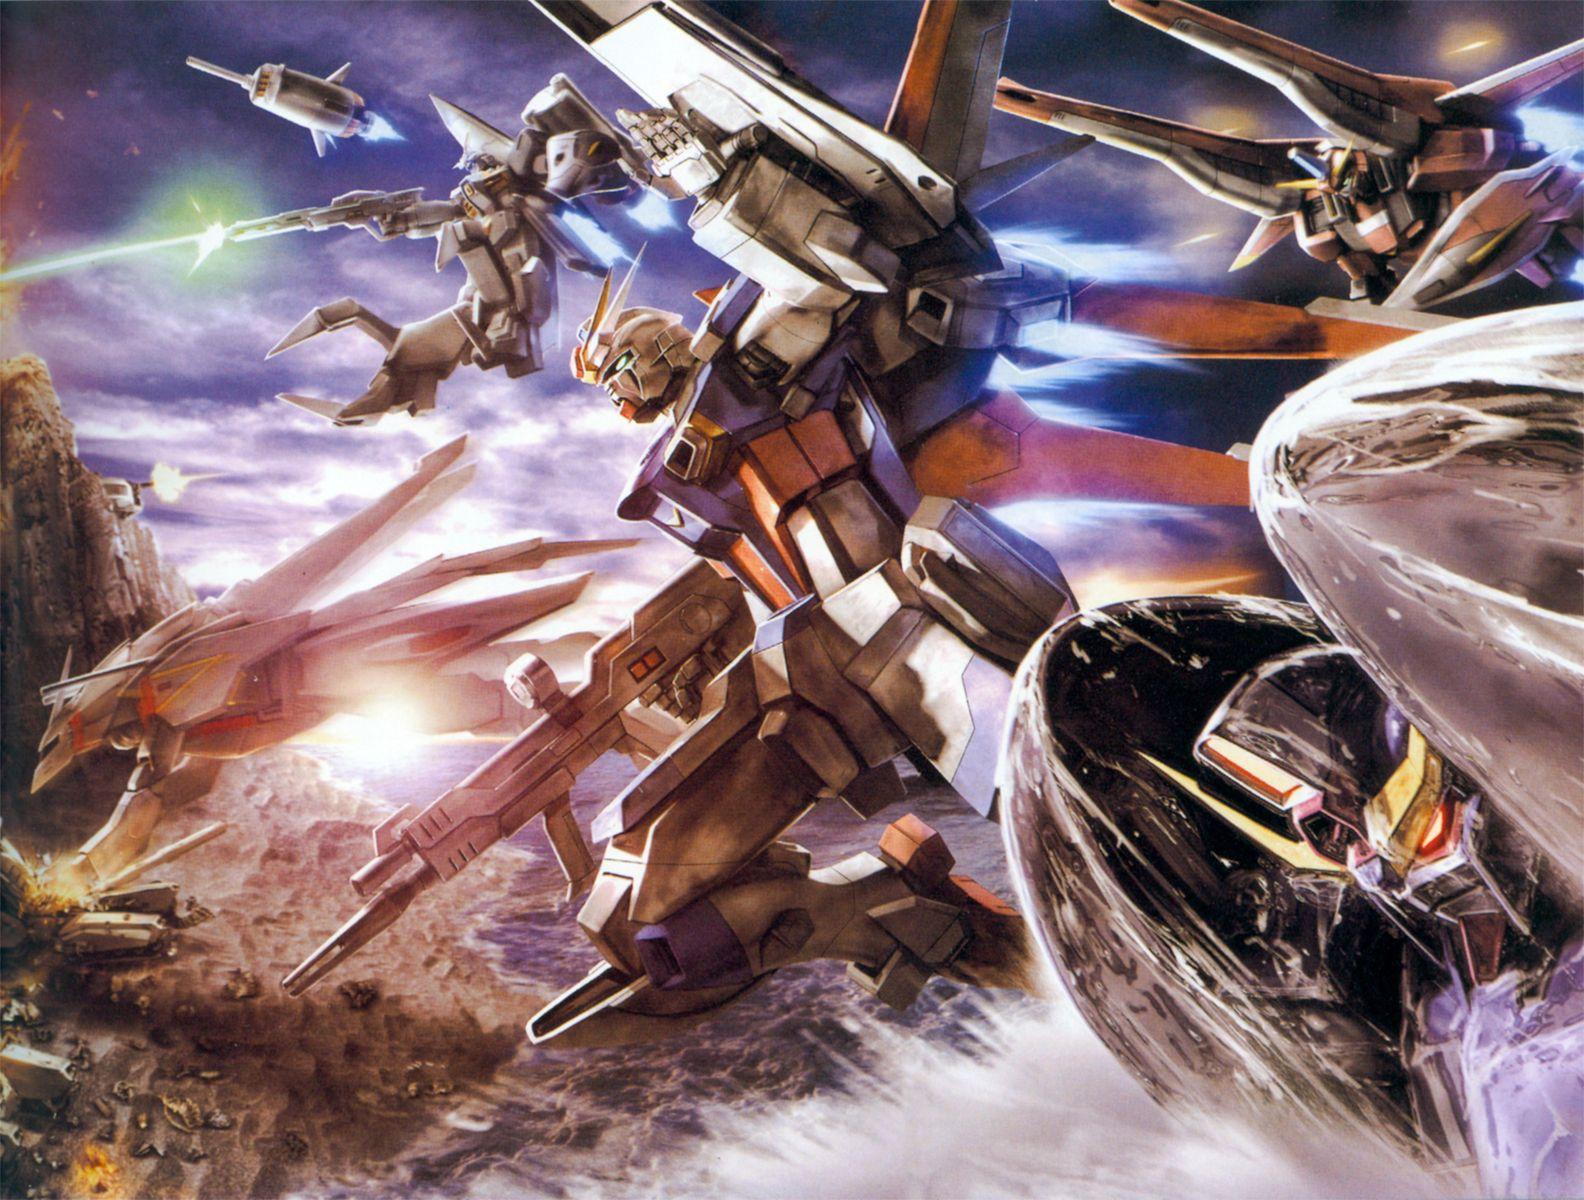 Gundam Seed Gundam Pics And Models Gundam Wallpapers Gundam